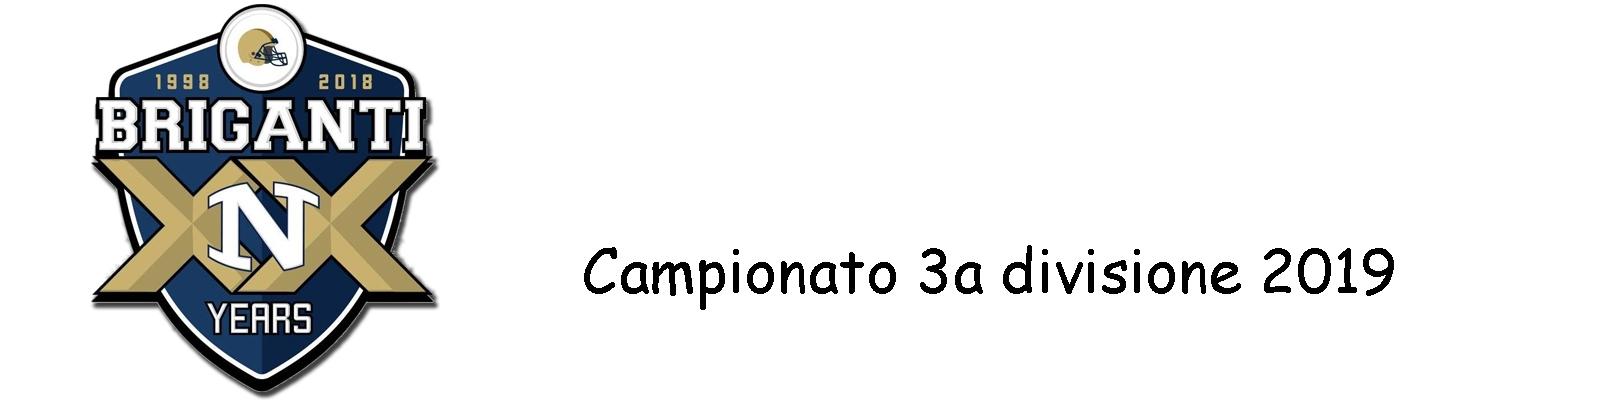 Briganti Napoli anno 2019